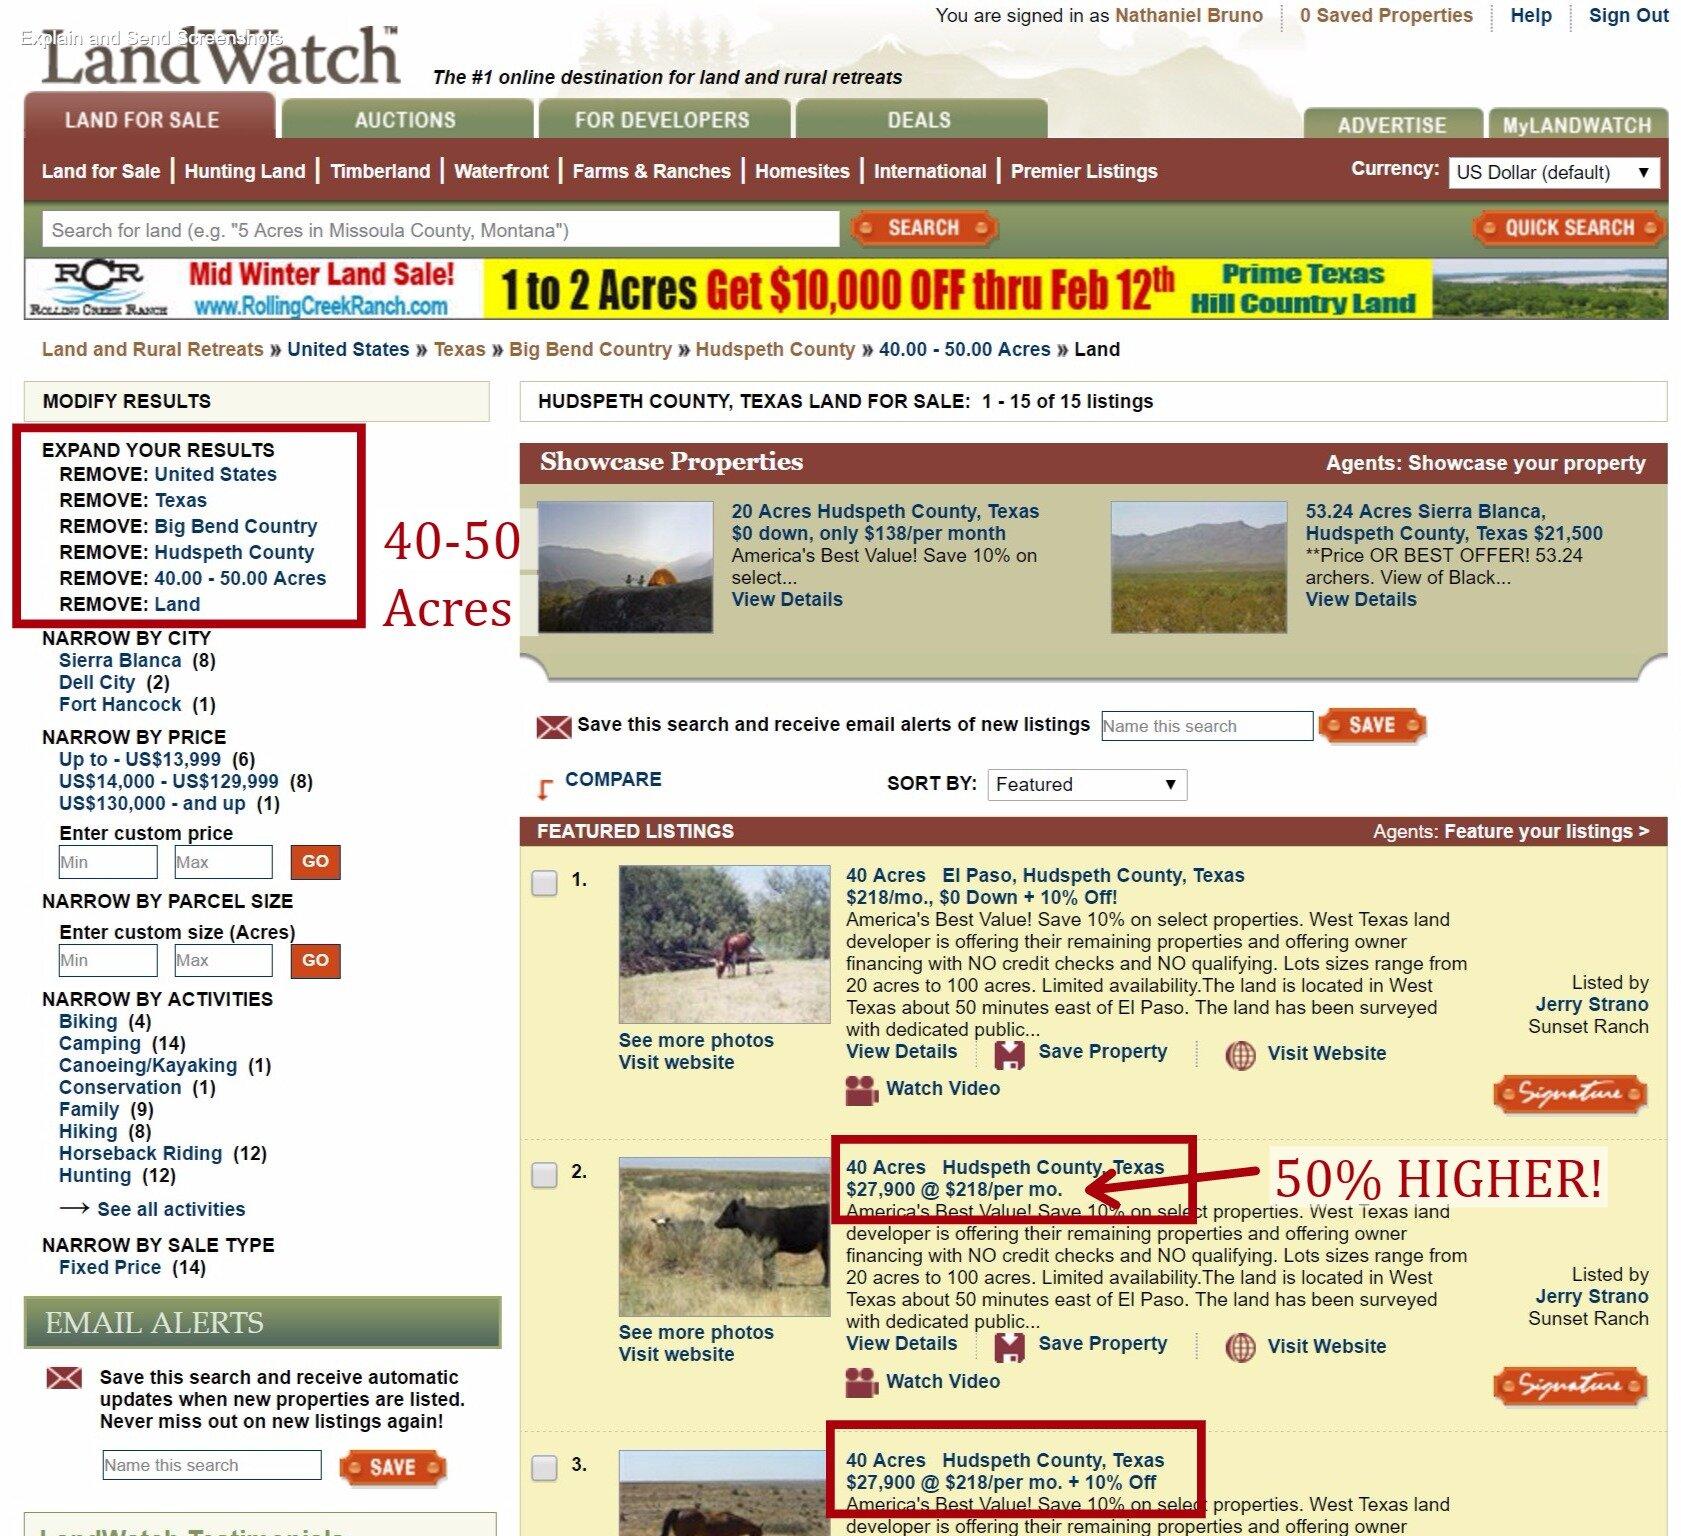 Hudspeth County, Texas Land for sale, Hudspeth County, Texas Acreage for Sale, Hudspeth County, Texas Lots for Sale at LandWatch.com.jpg